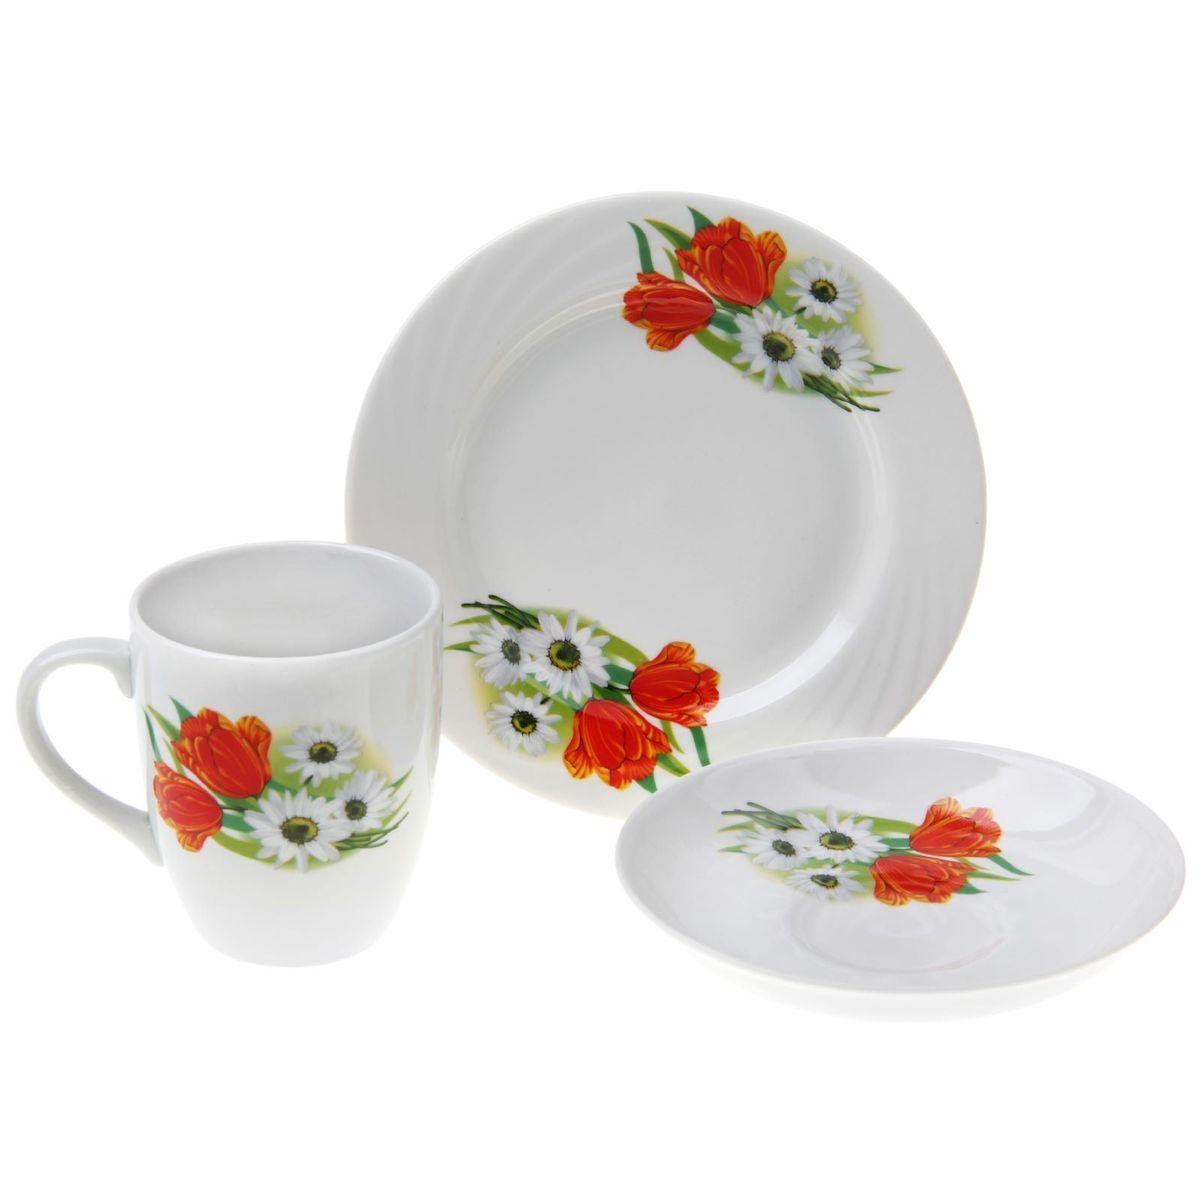 Набор столовой посуды Ромашка с тюльпаном, 3 предметаVT-1520(SR)Набор столовой посуды Ромашка с тюльпаном состоит из кружки, тарелки и блюдца. Изделия выполнены из высококачественного фарфора и оформлены ярким рисунком.Такой набор посуды прекрасно подходит как для торжественных случаев, так и для повседневного использования. Стильный дизайн изящно украсит сервировку стола. Объем кружки: 300 мл.